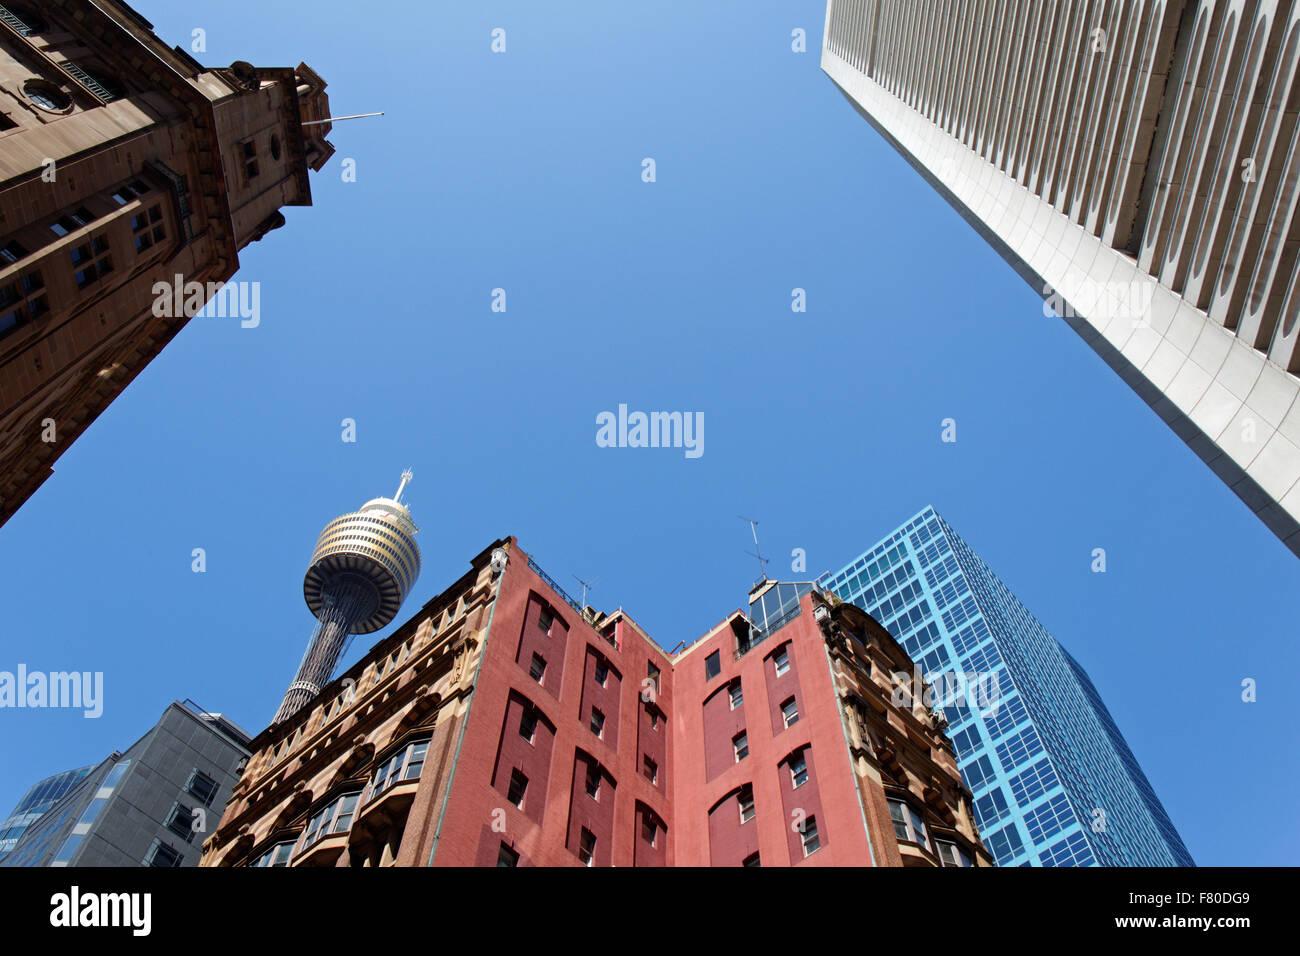 Sydney Tower I Sydney I Australia - Stock Image